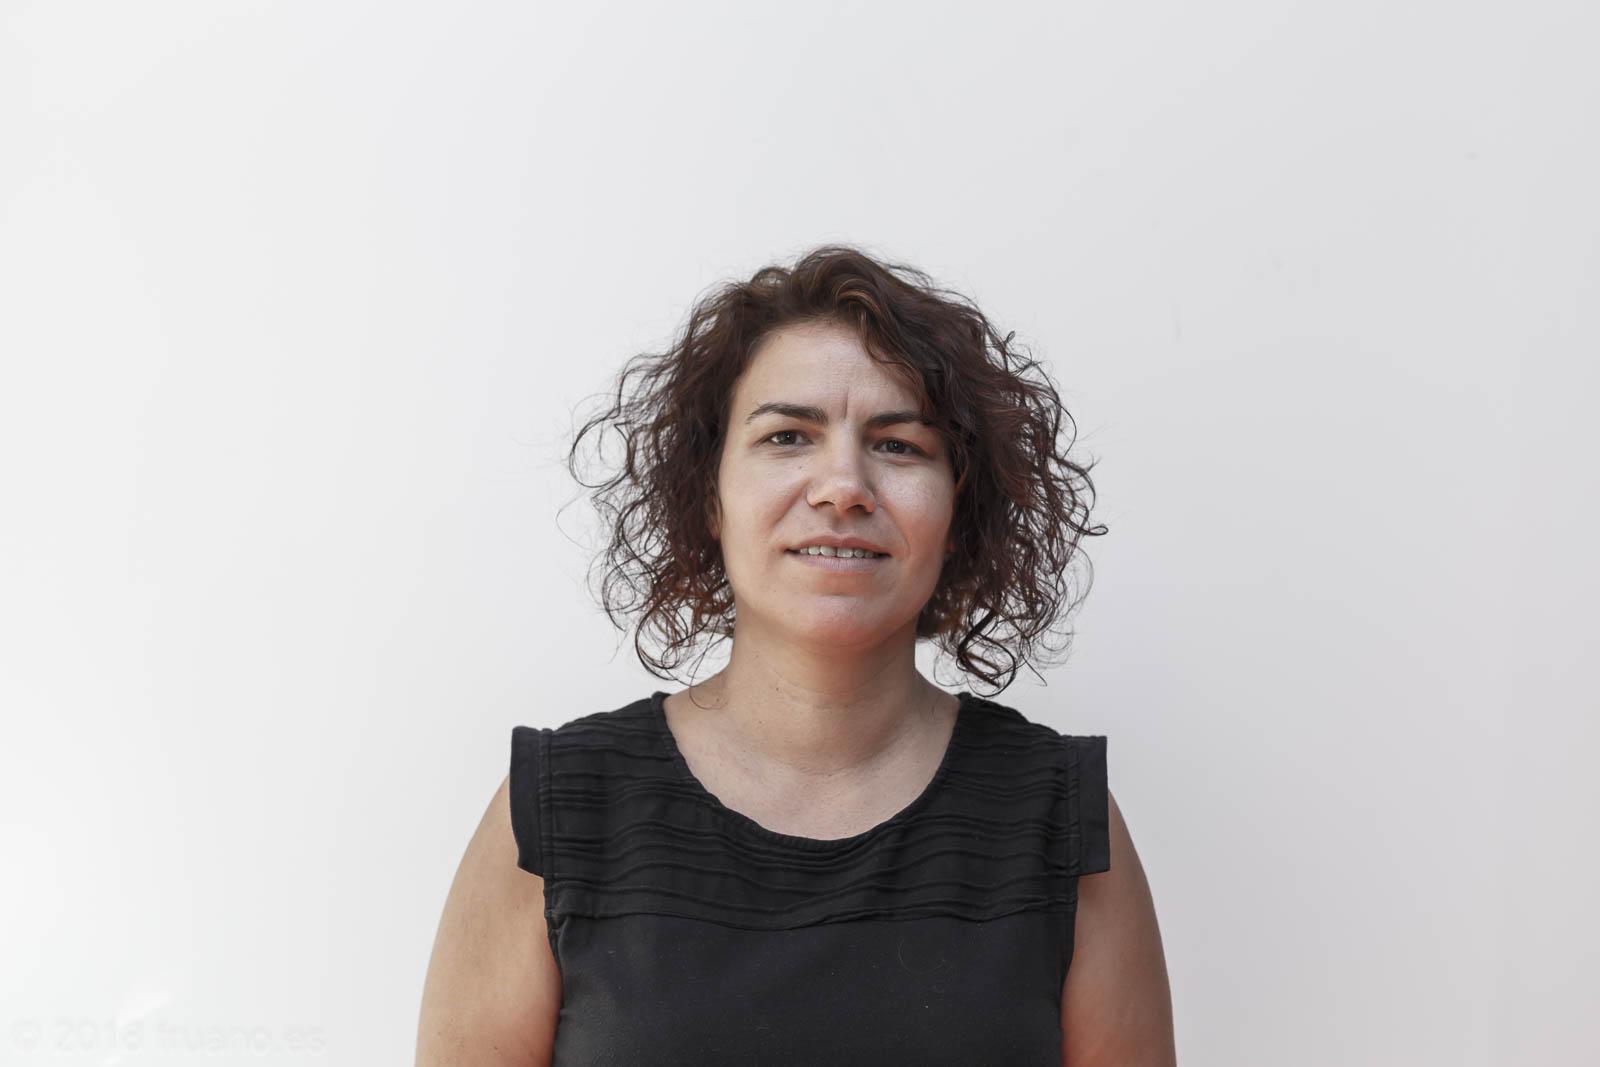 Raquel Centeno